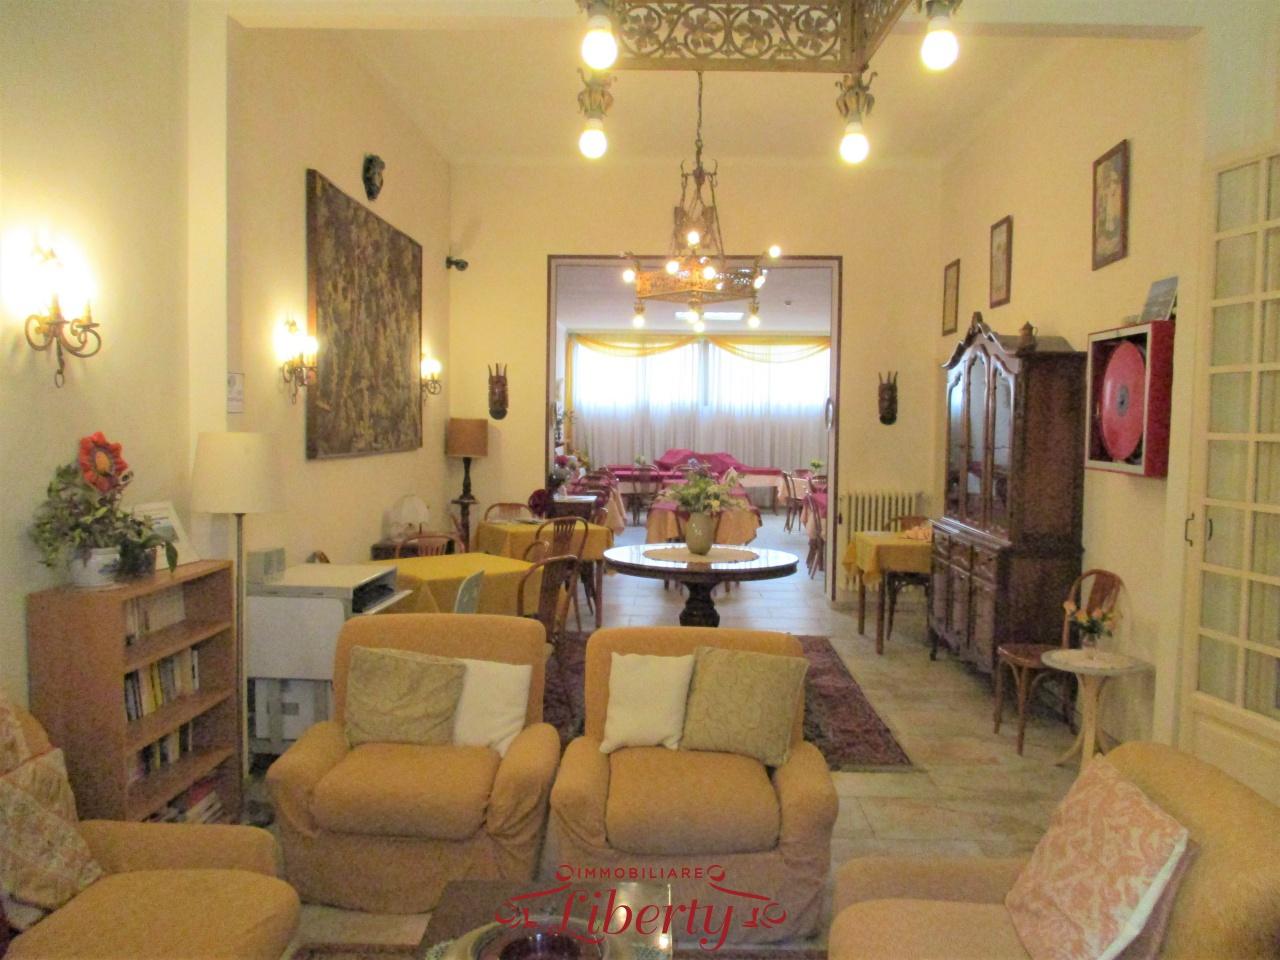 Albergo in vendita a Viareggio, 30 locali, prezzo € 1.200.000 | CambioCasa.it